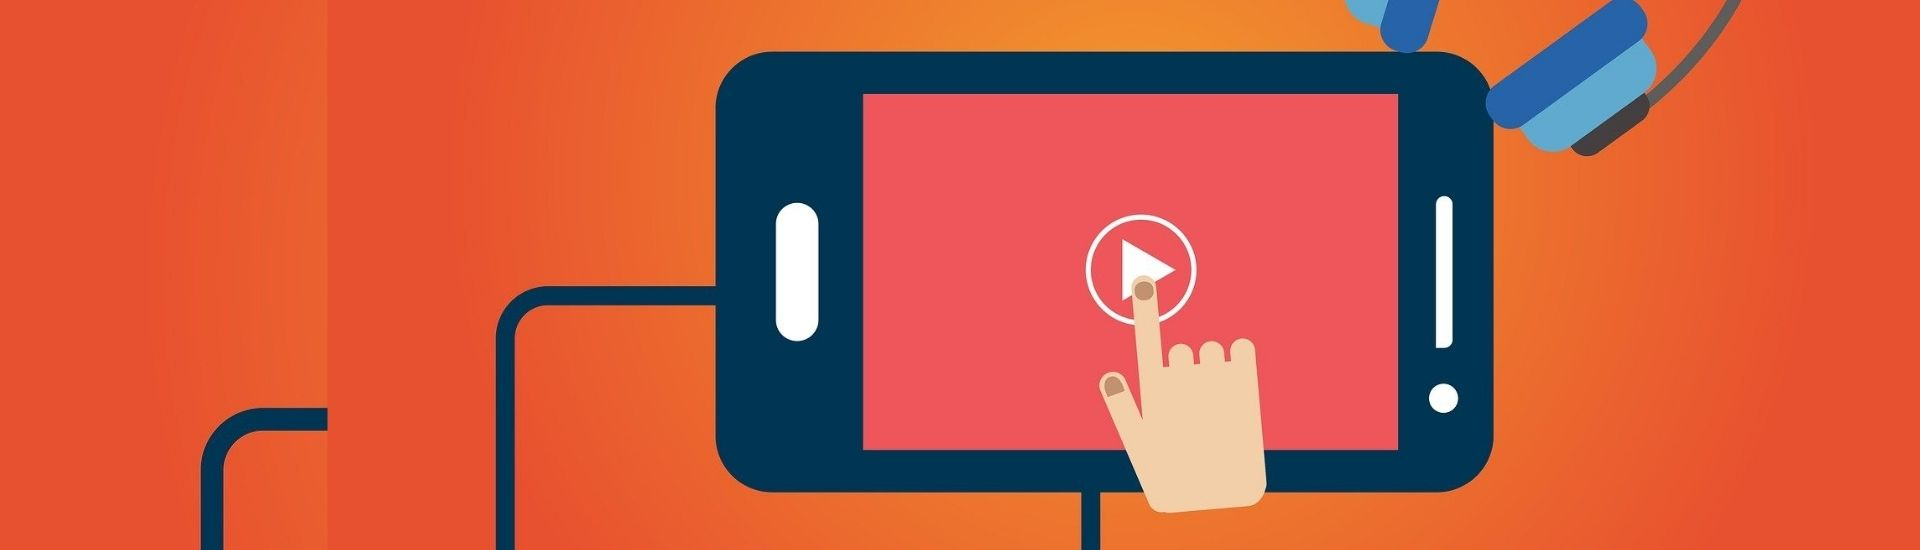 imagen de un celular reproduciendo un video de youtube